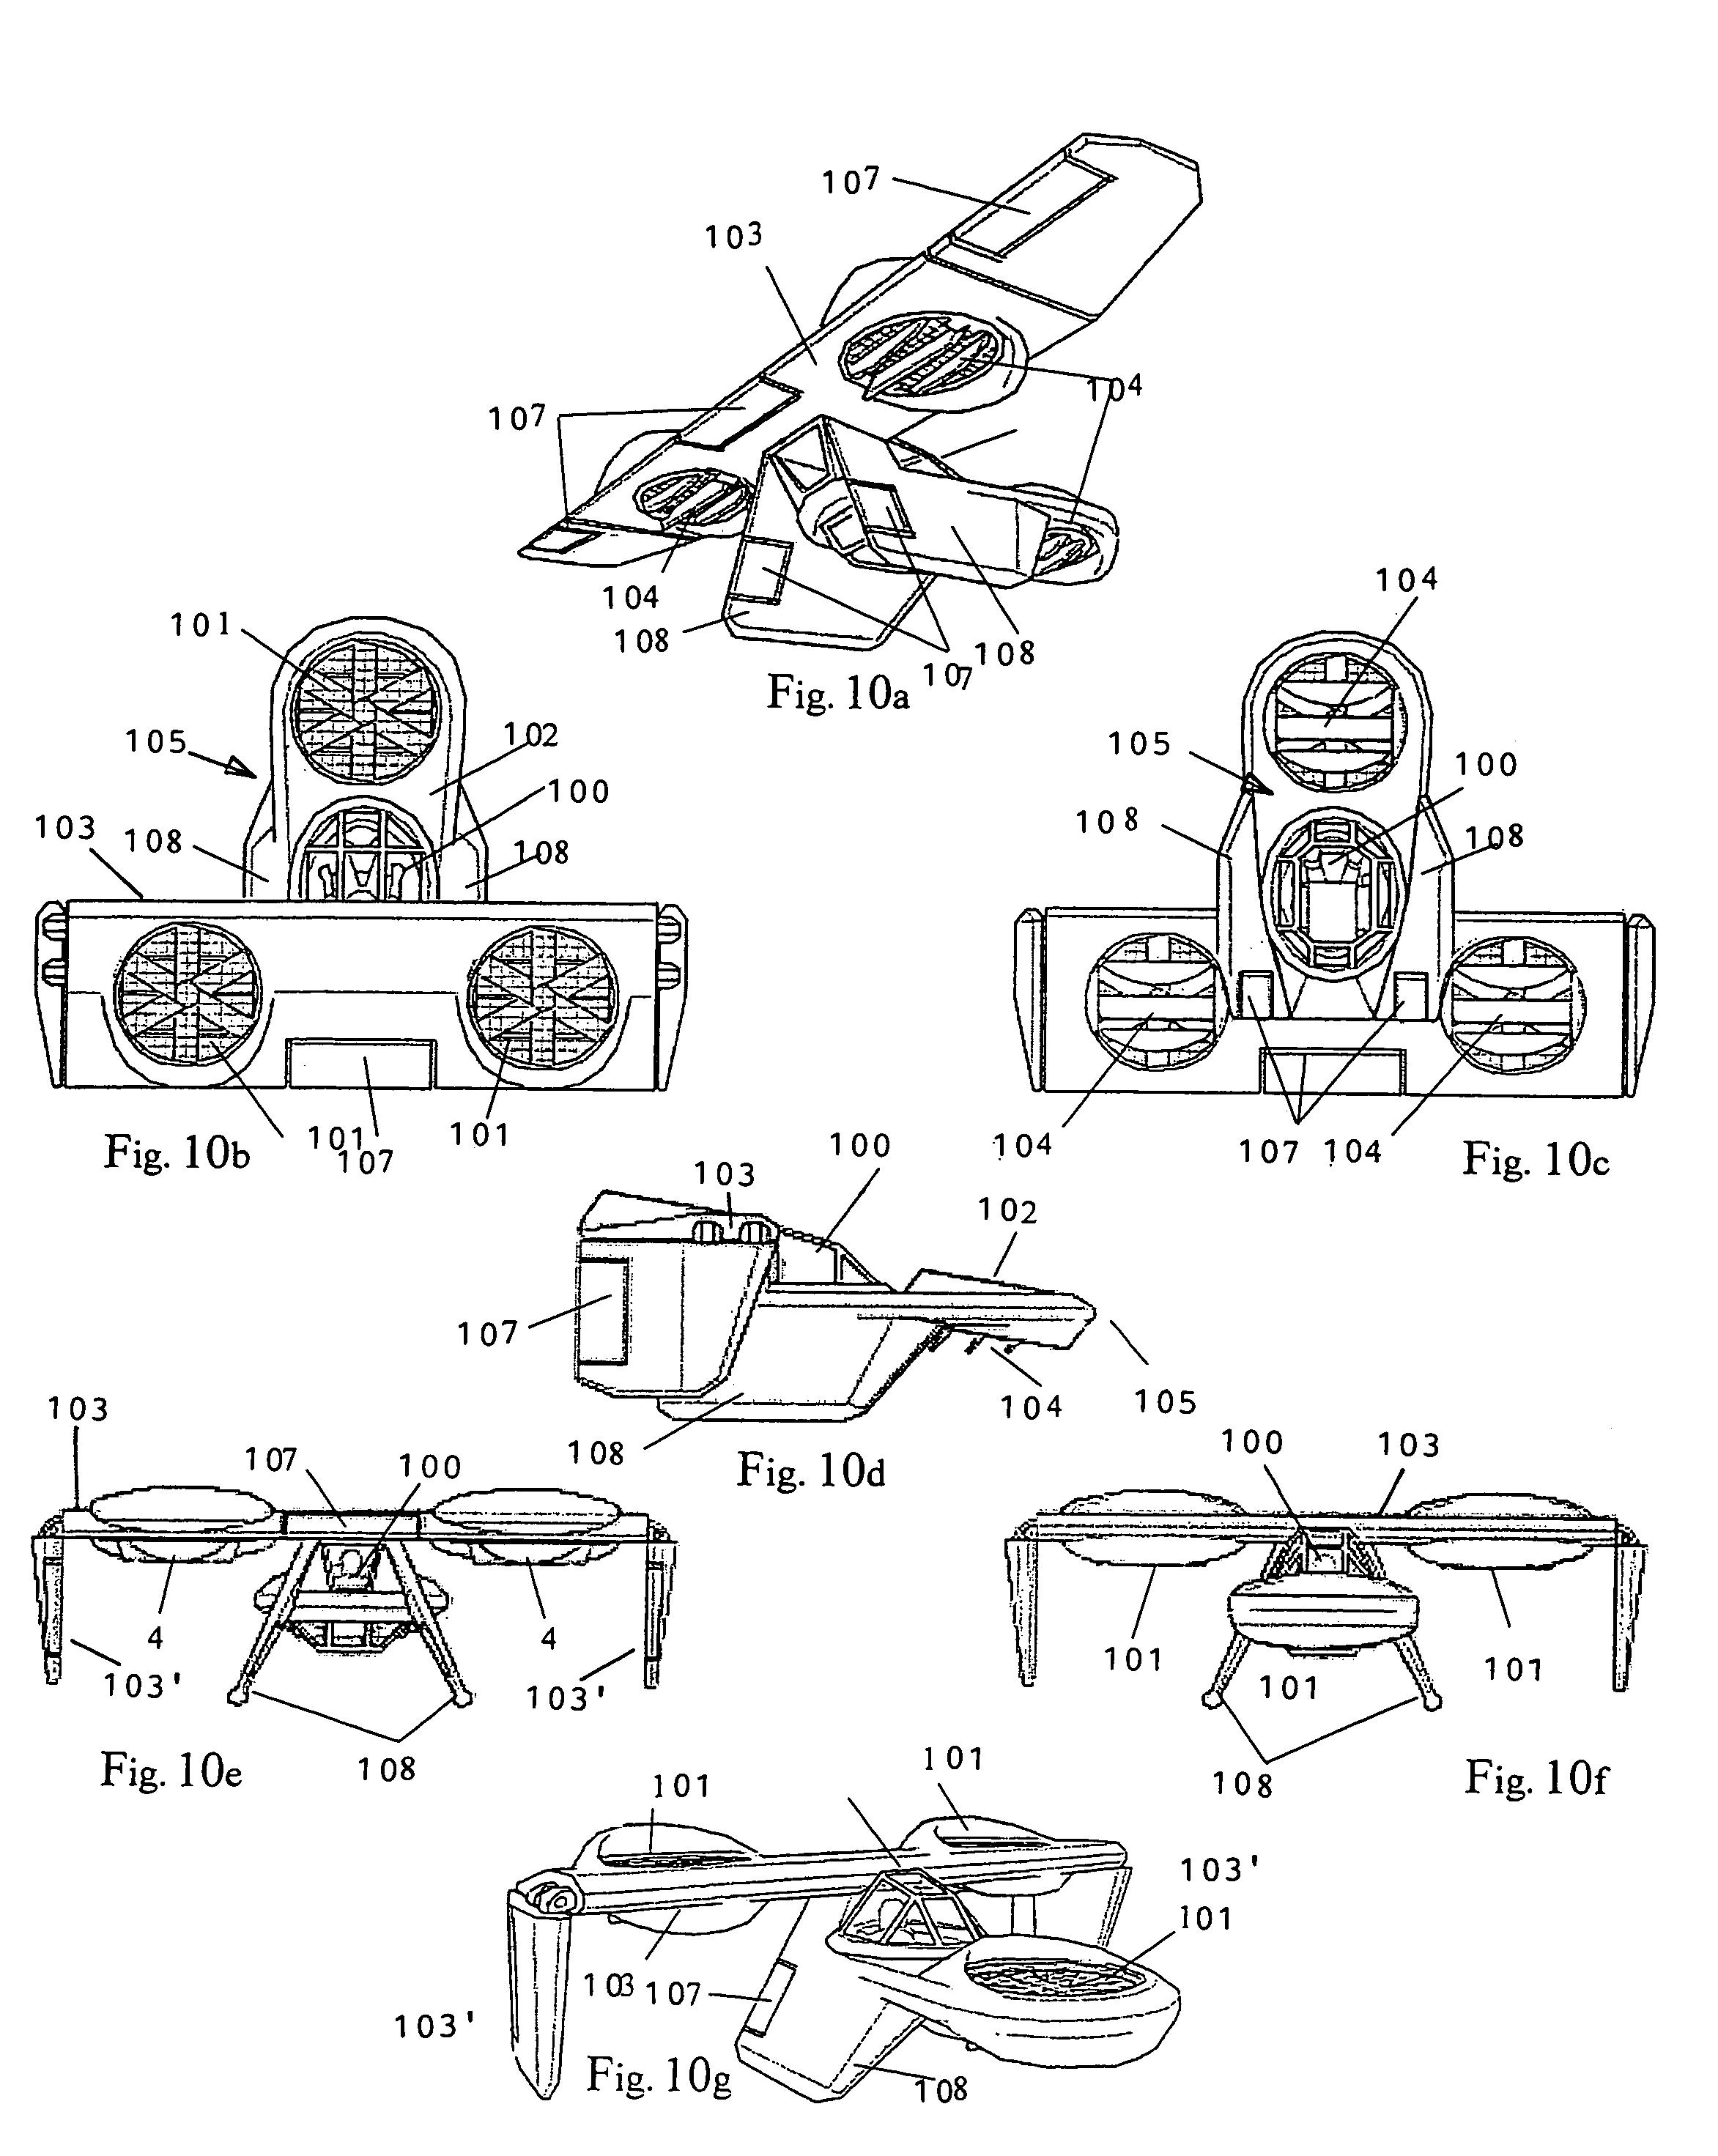 patent us 7 032 861 b2 Passat Lip Spoiler patent